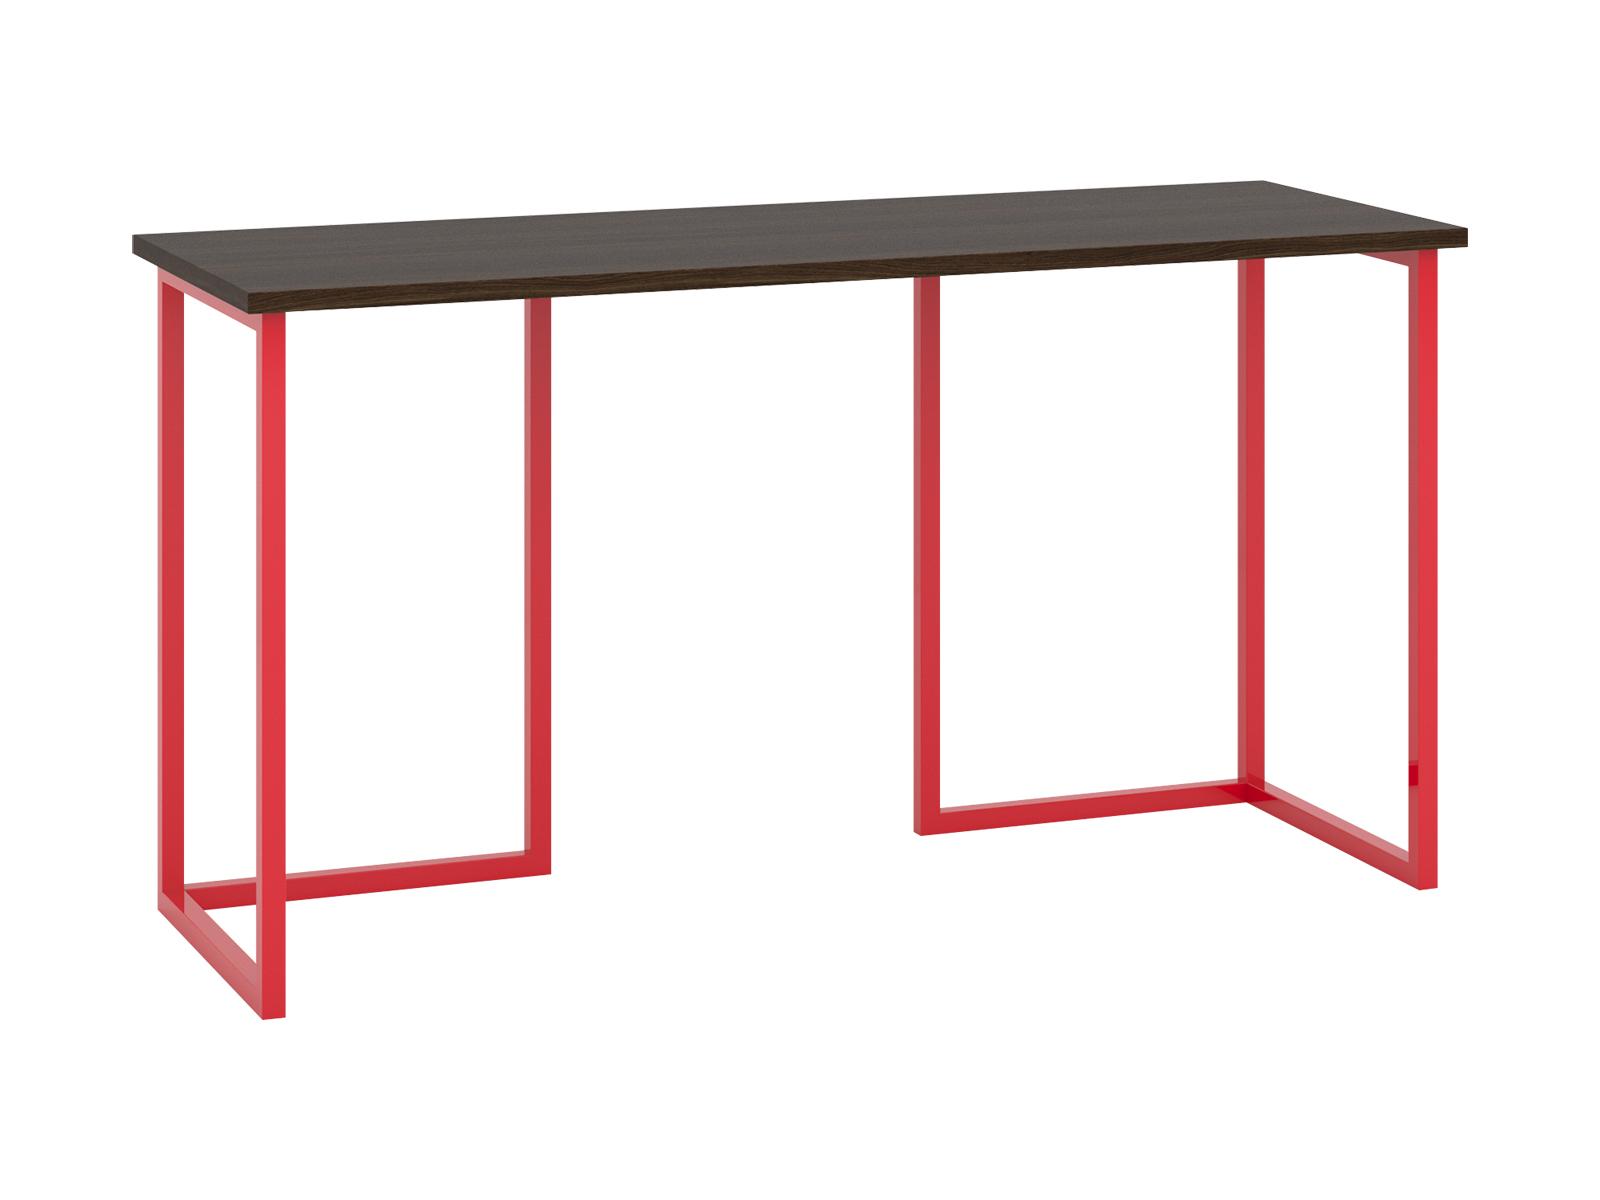 Стол BoardПисьменные столы<br>&amp;lt;div&amp;gt;Большой выбор столешниц и цветов оснований позволяет создавать комбинации, точно отвечающие вашим потребностям.&amp;lt;/div&amp;gt;&amp;lt;div&amp;gt;&amp;lt;br&amp;gt;&amp;lt;/div&amp;gt;&amp;lt;div&amp;gt;Материалы:&amp;lt;/div&amp;gt;&amp;lt;div&amp;gt;Основание: металл окрашенный.&amp;lt;/div&amp;gt;&amp;lt;div&amp;gt;Полки: ЛДСП 22мм.&amp;lt;/div&amp;gt;<br><br>Material: ДСП<br>Ширина см: 140<br>Высота см: 74<br>Глубина см: 50